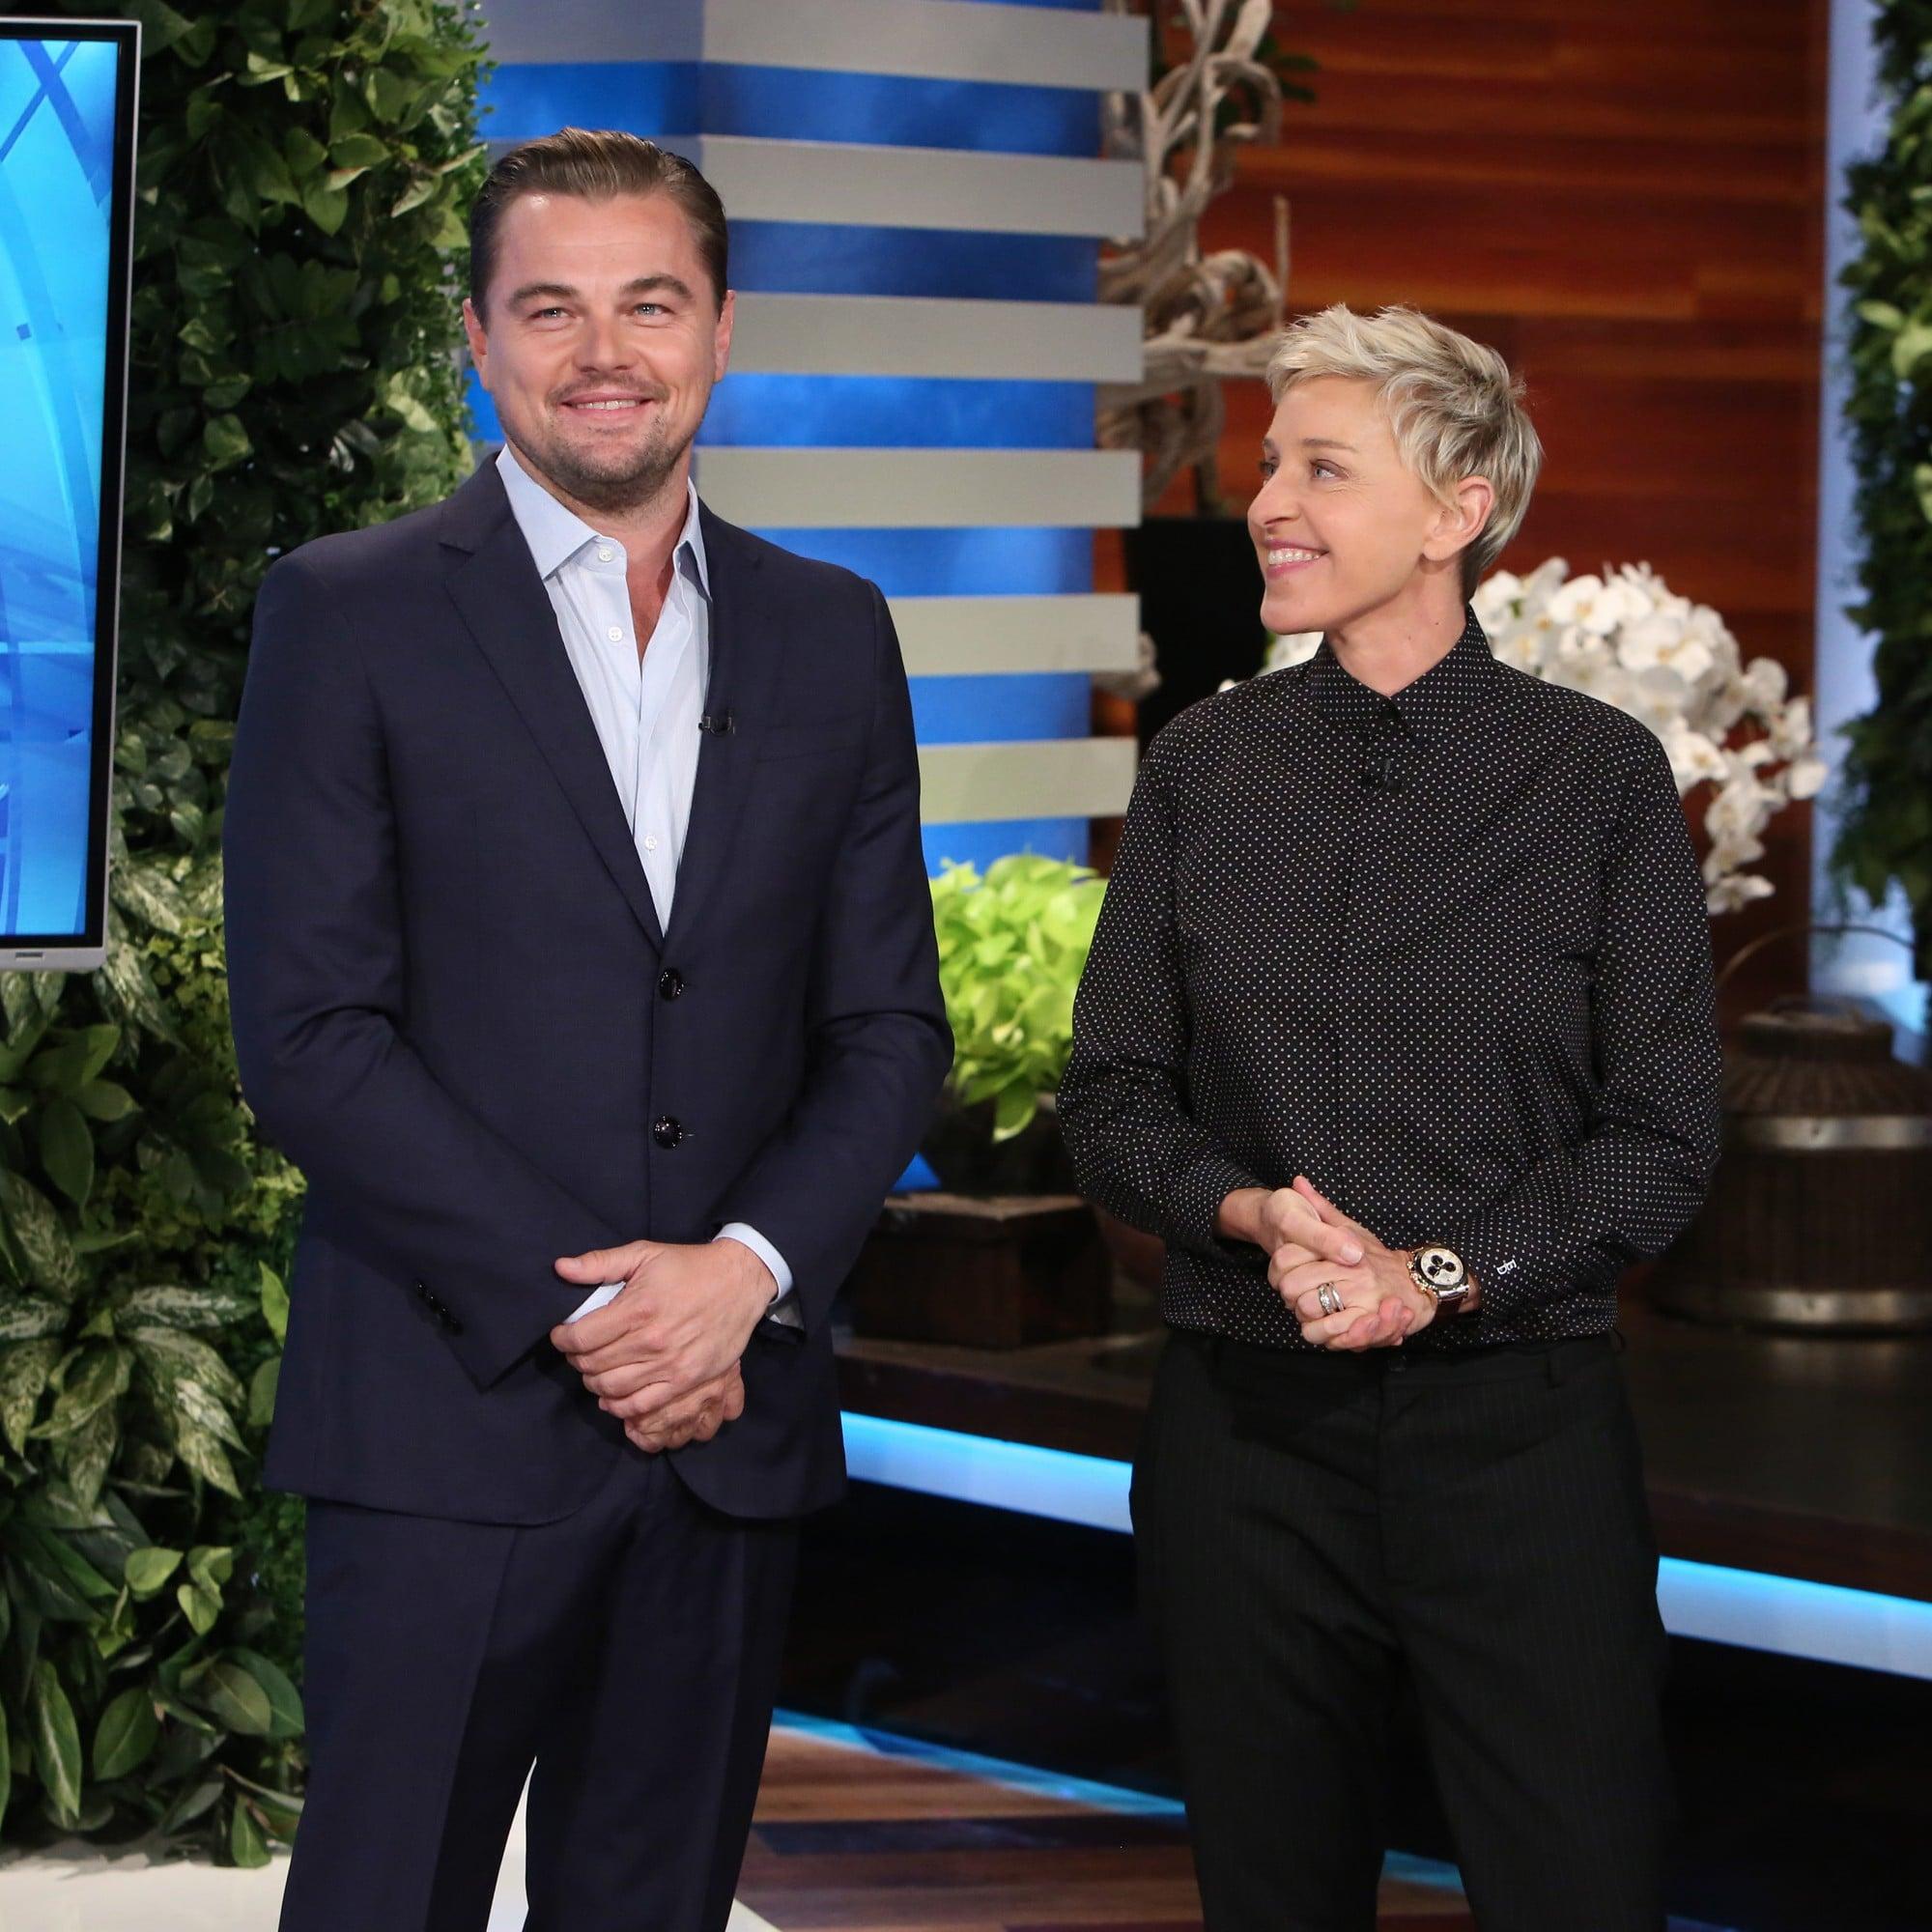 Leonardo DiCaprio on The Ellen Show November 2016